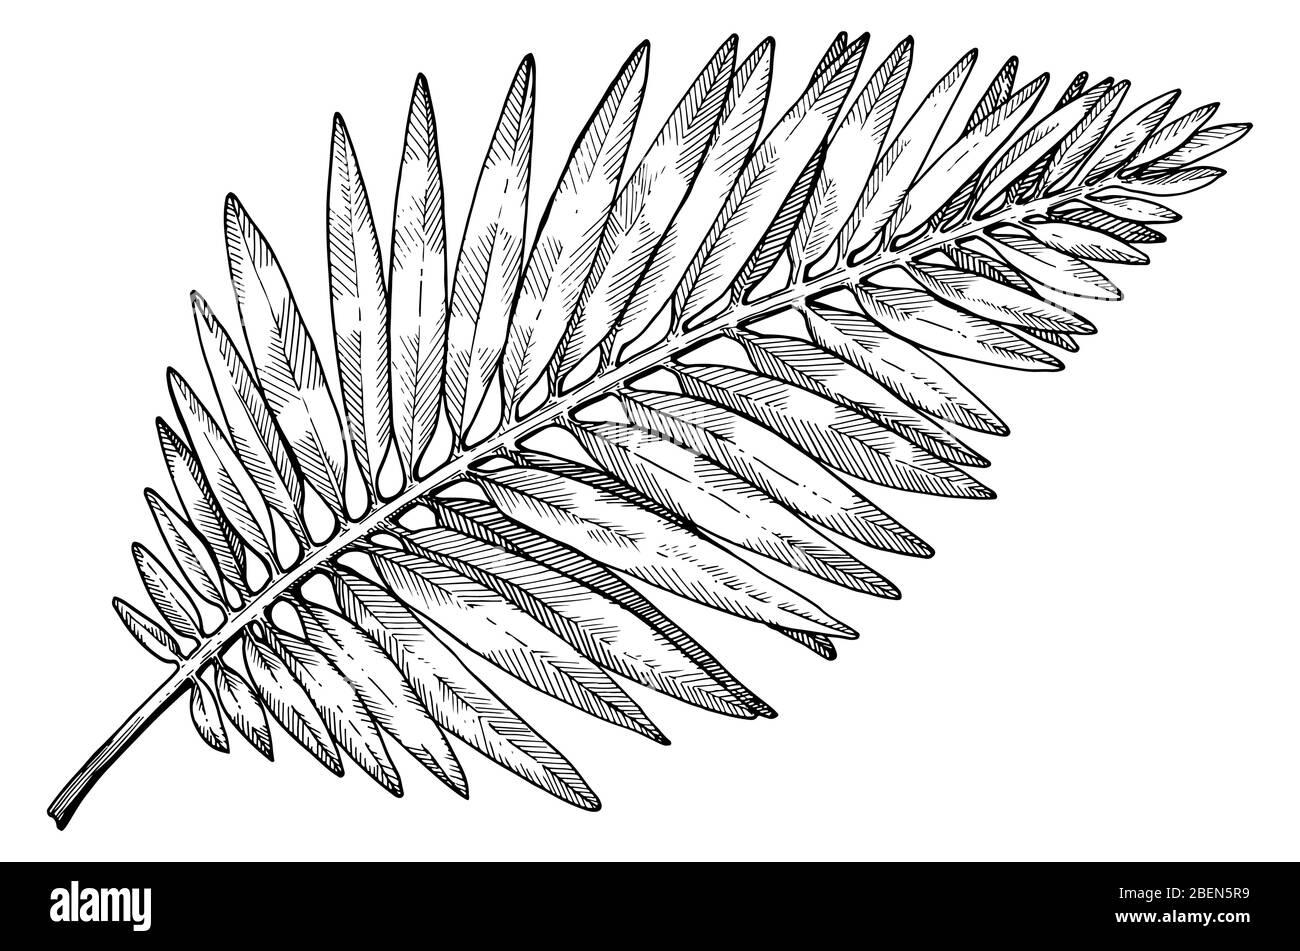 Hojas de palmera tropical dibujadas a mano. Croquis sobre fondo blanco. Decoración exótica de grabado para textiles, diseño de superficies o banner. Gran plantilla para Ilustración del Vector